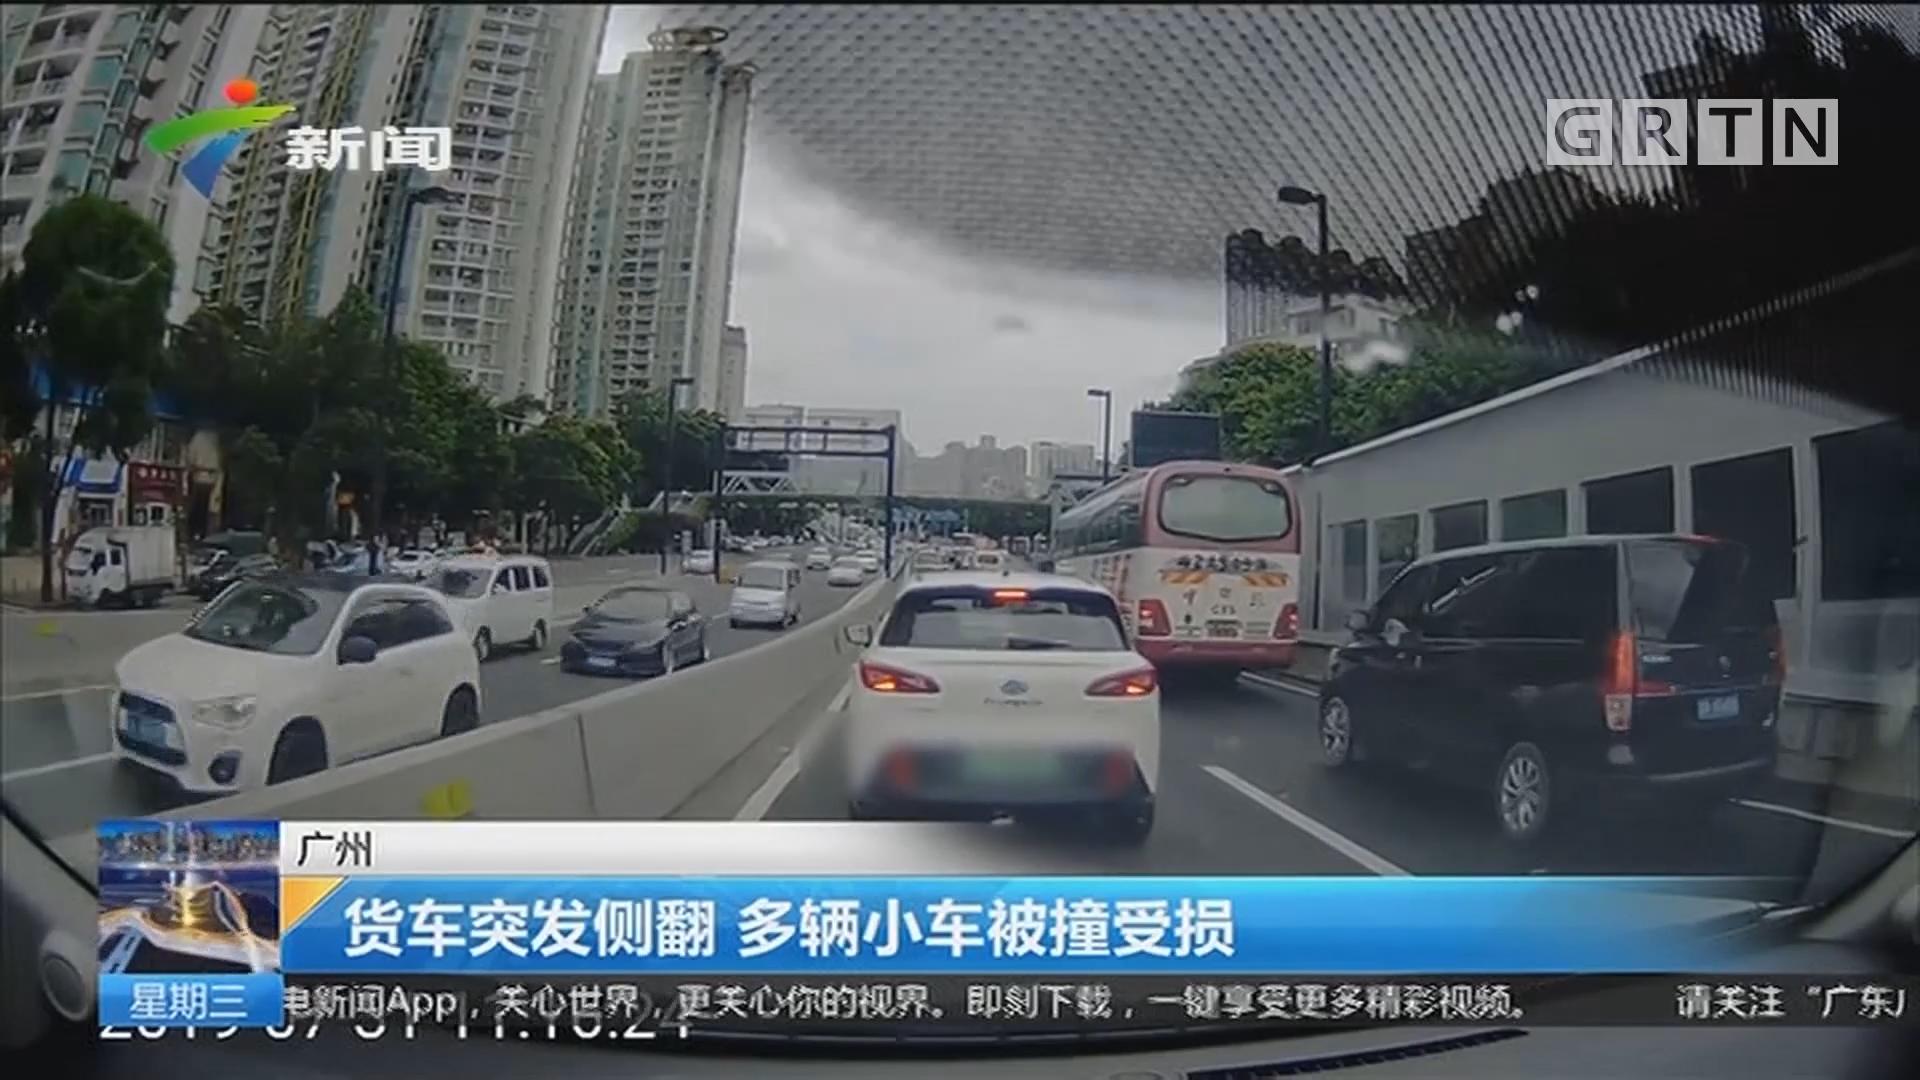 广州:货车突发侧翻 多辆小车被撞受损